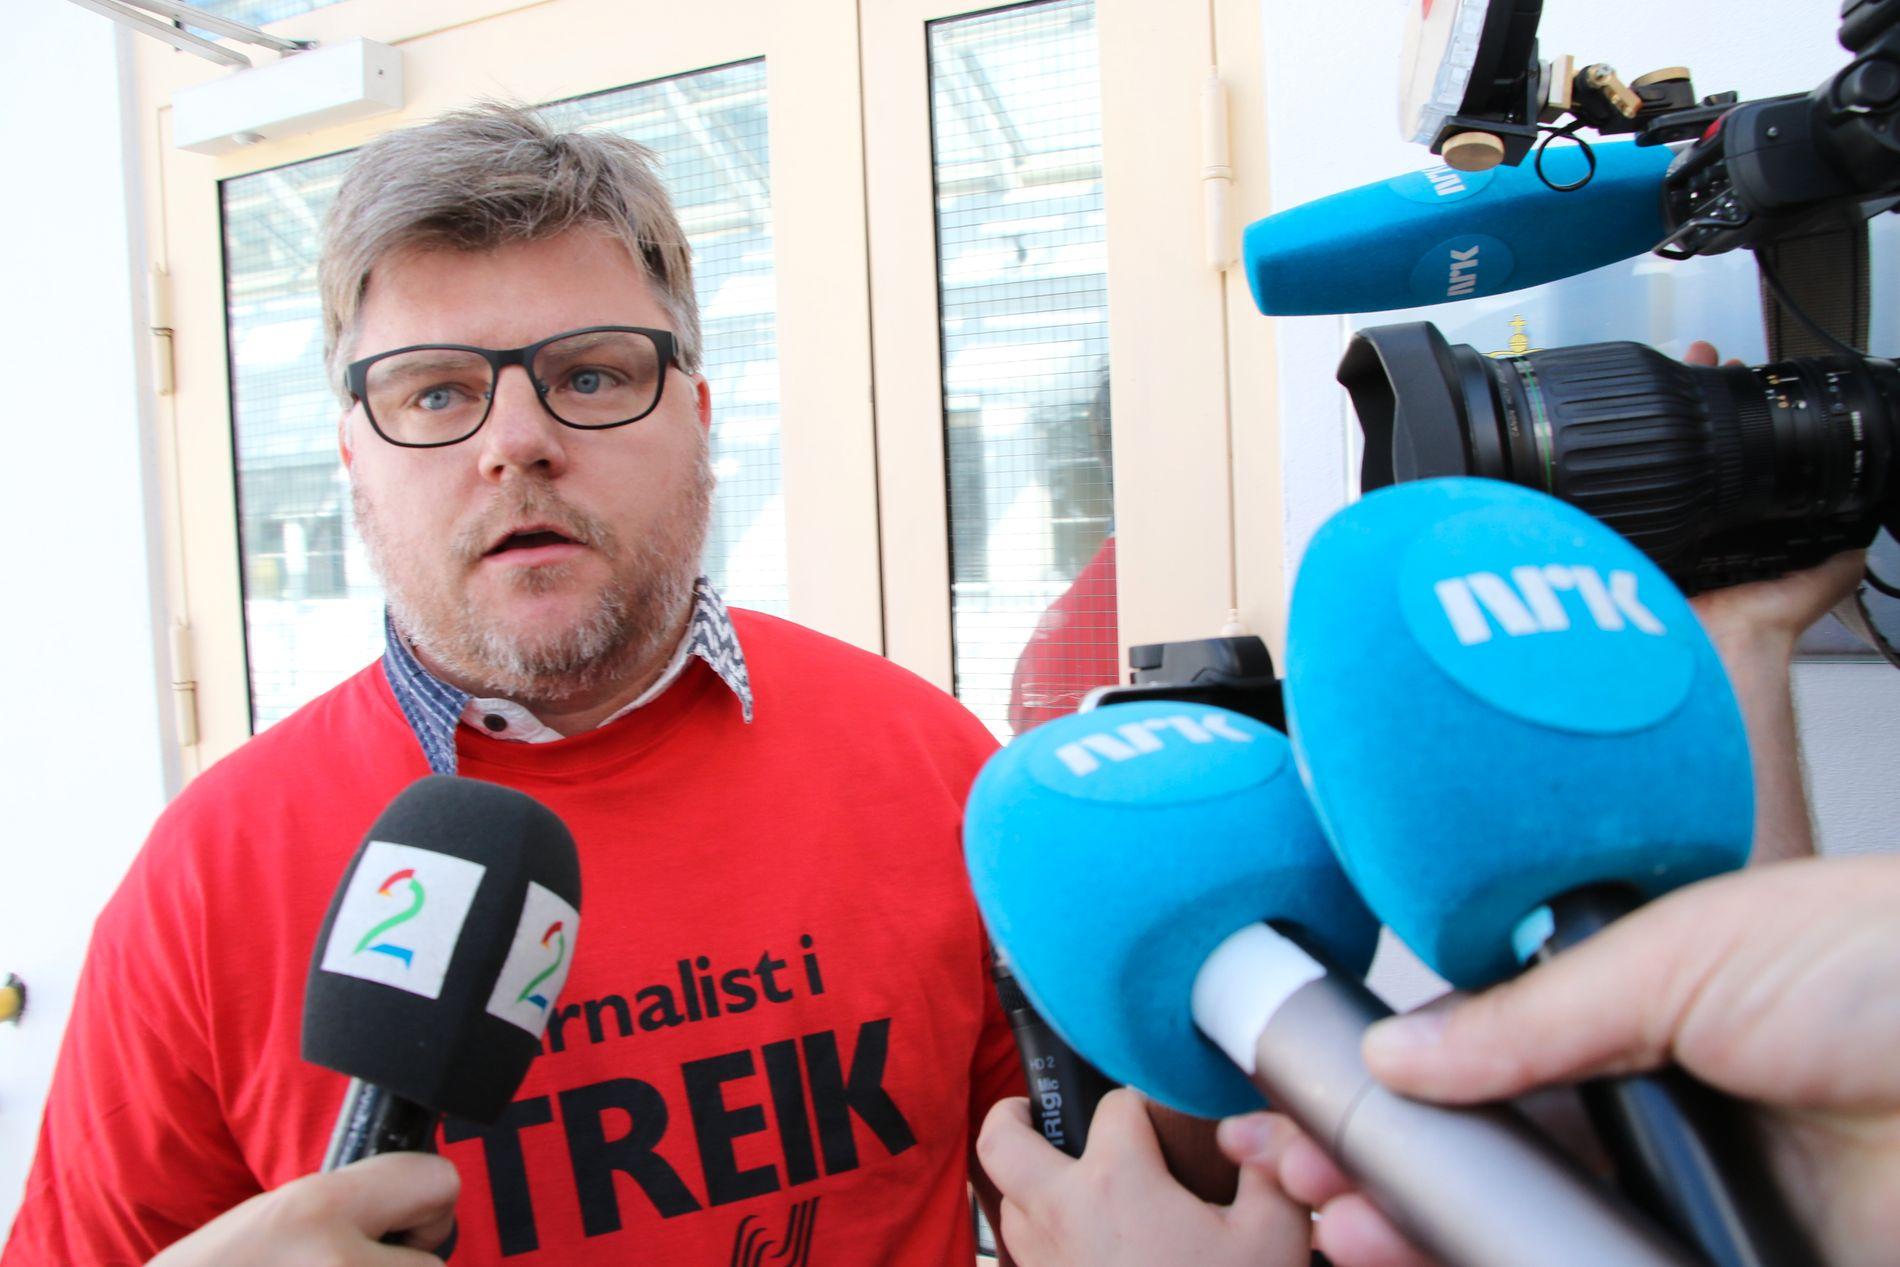 FORTSATT UENIGE: Richard Aune er klubbleder i NRK. Han mener NRK-lønnen bør sammenlignes med de største mediehusene, ikke de lokale.